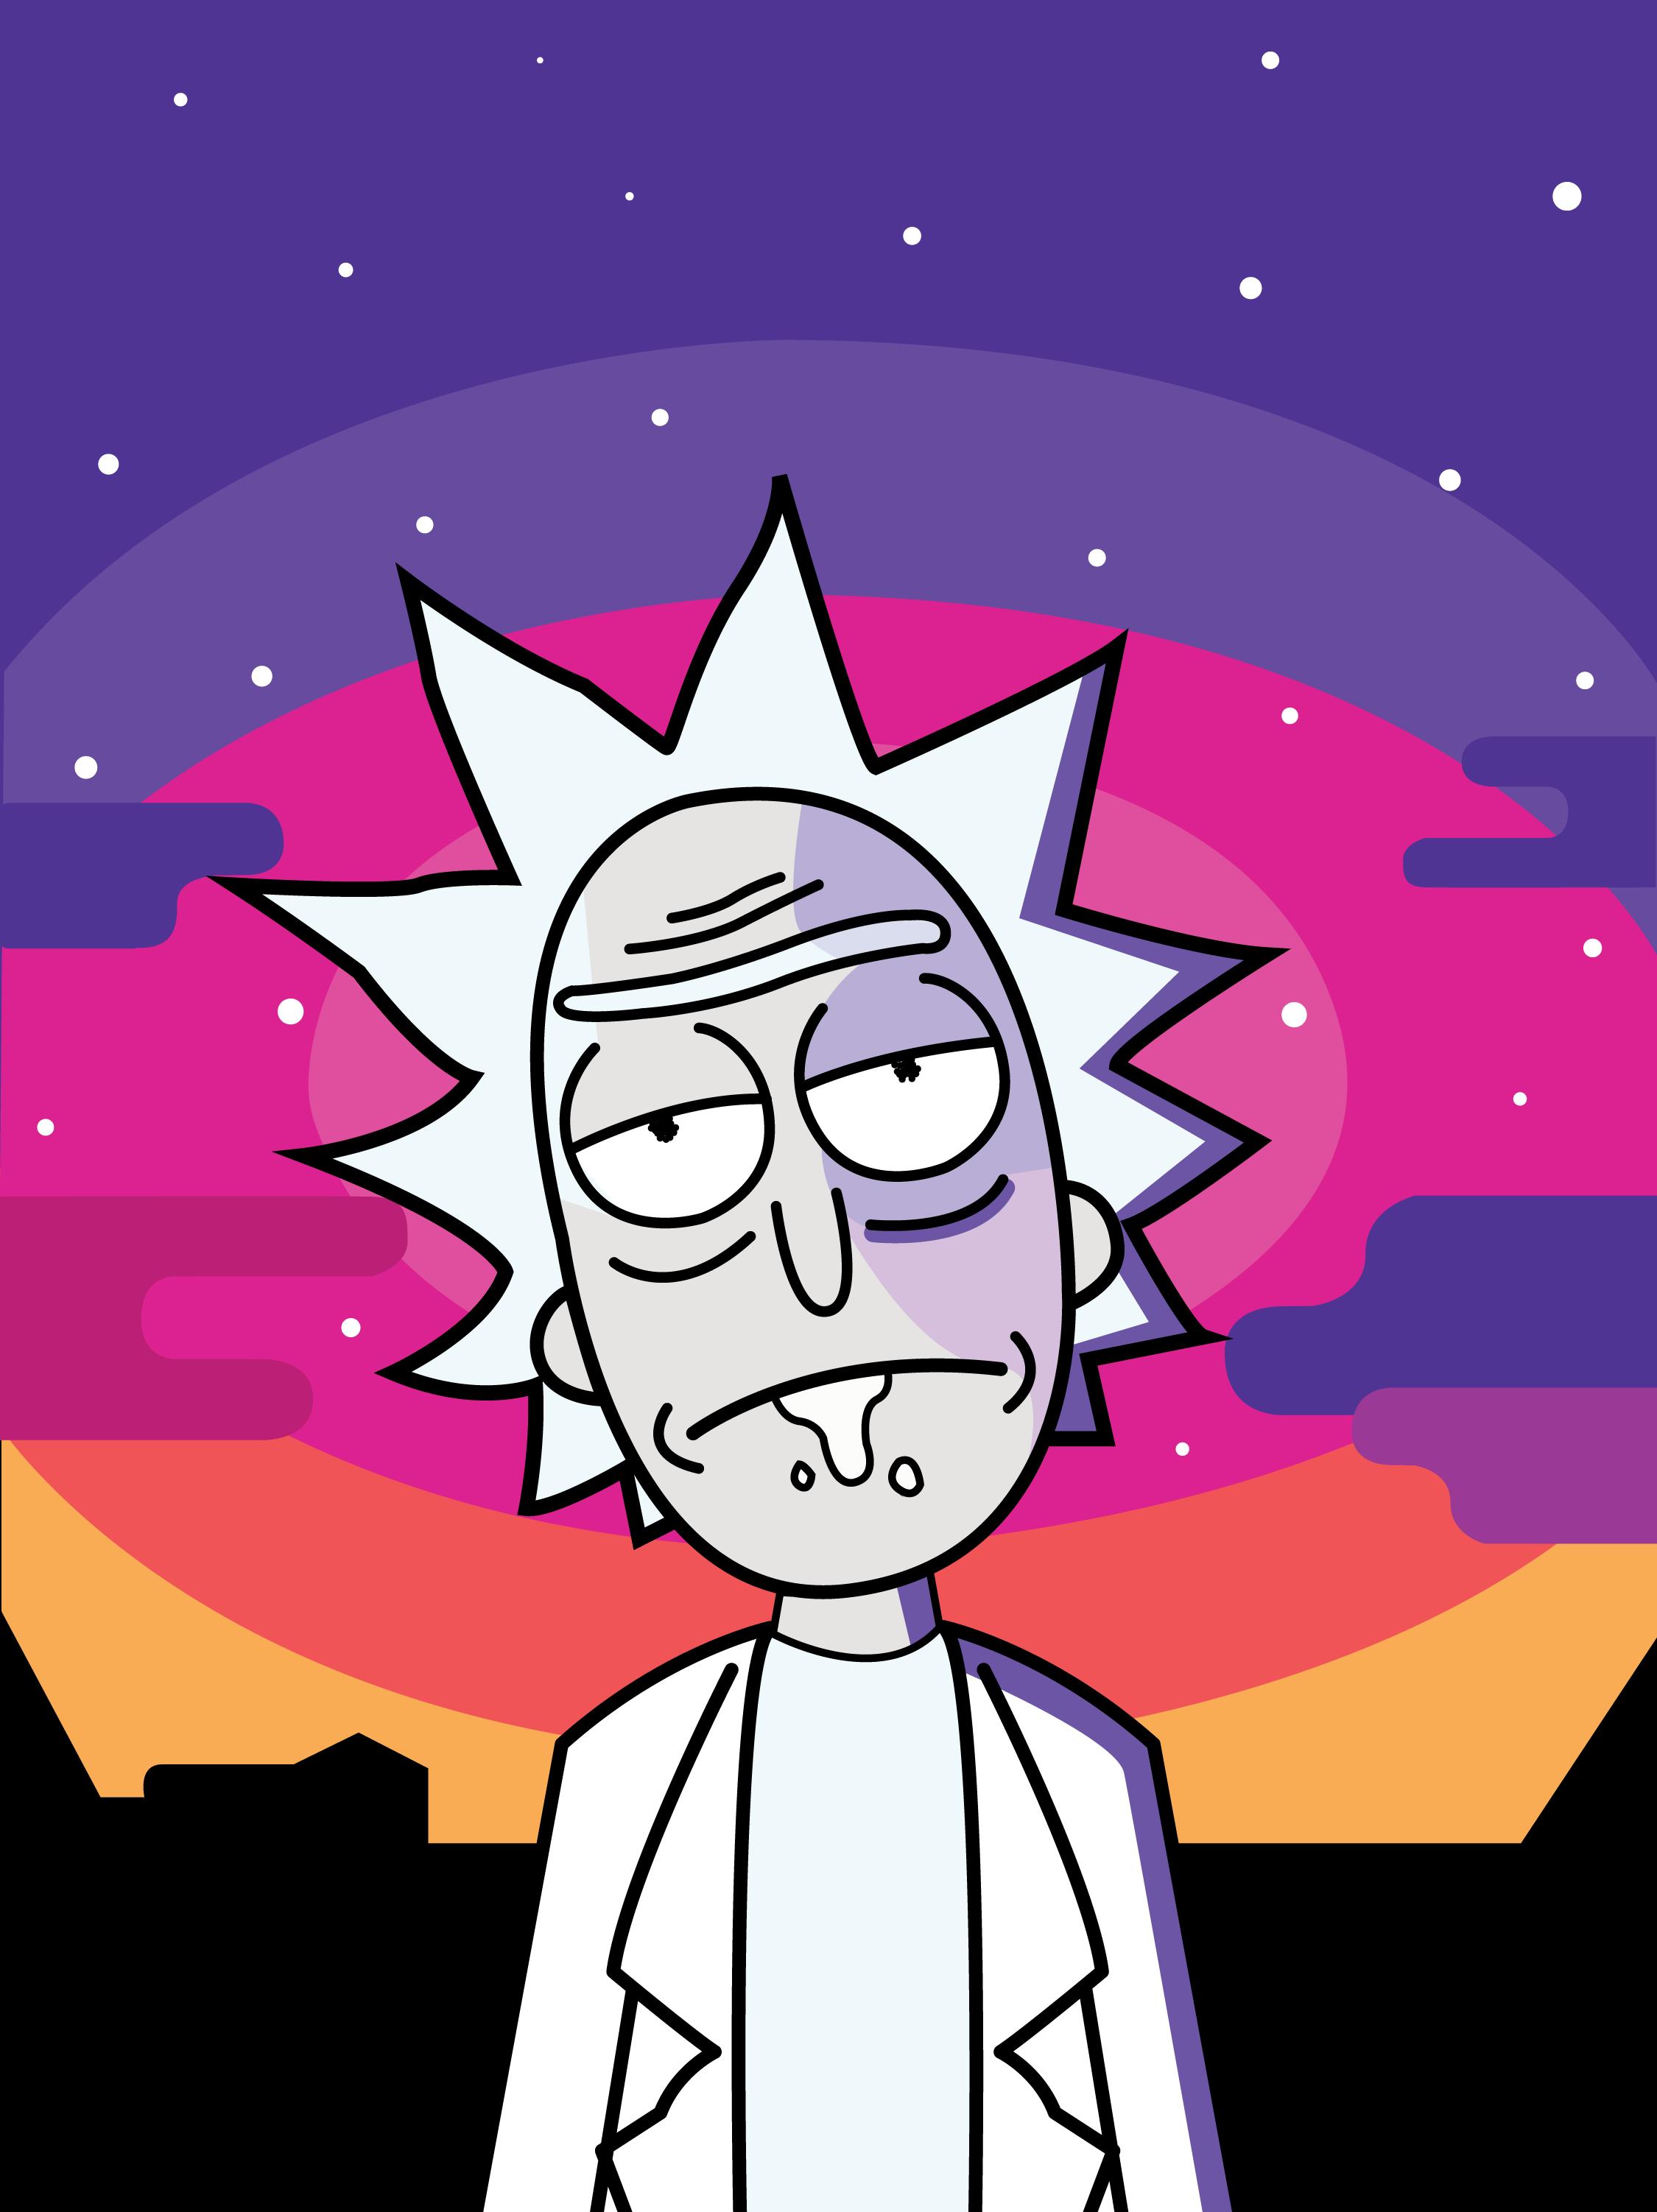 New android Wallpaper Rick and Morty Kezanaricom 2250x3004